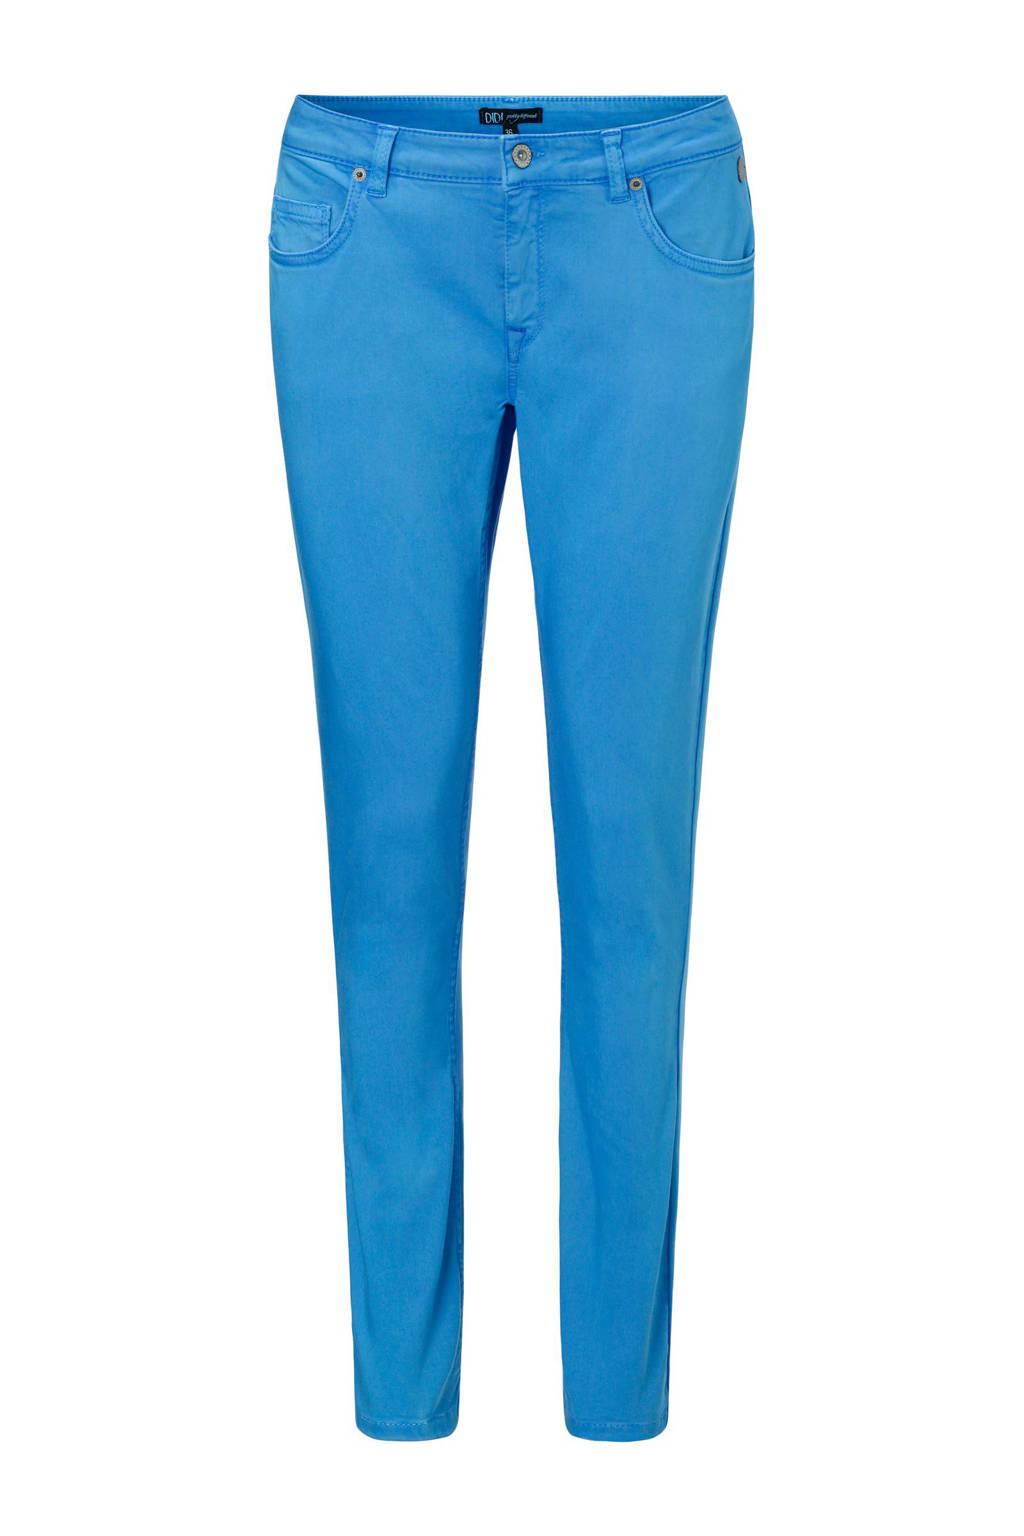 Didi skinny 7/8 broek, Blauw